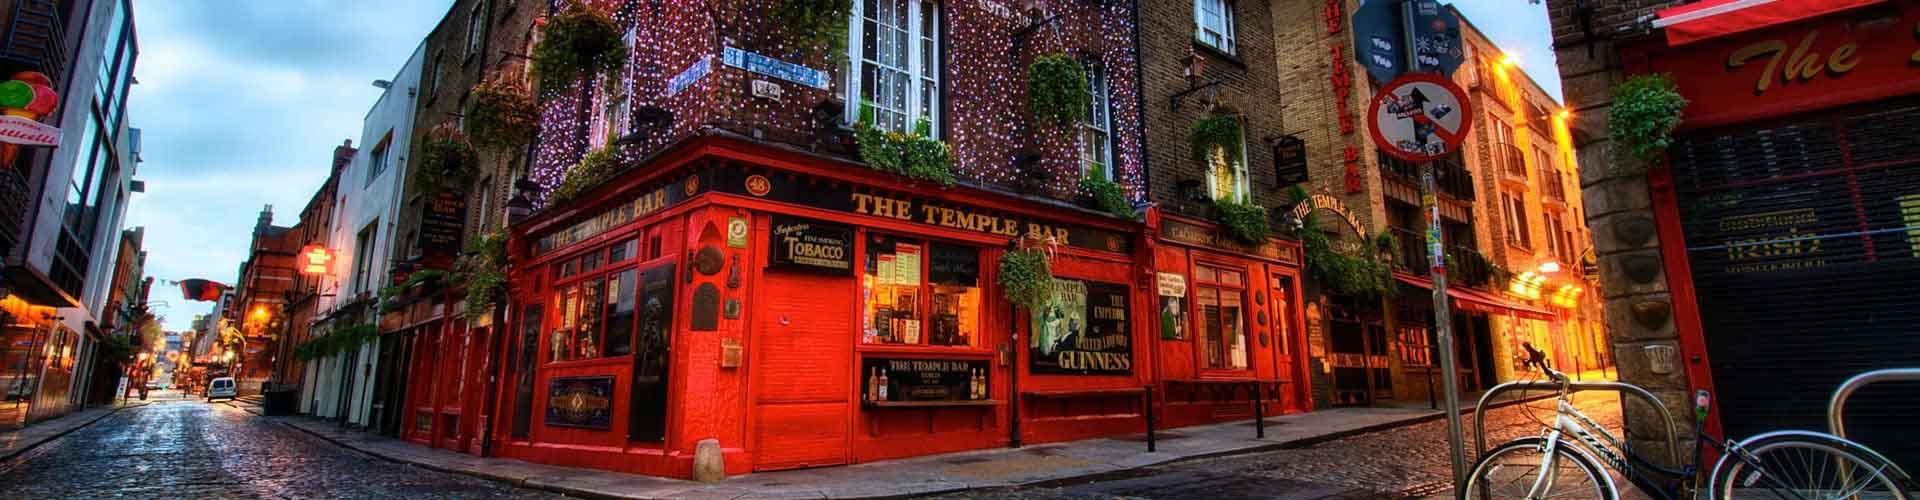 ダブリン – Temple Bar地区のユースホステル. 地図 ダブリン, すべてのユースホステルの写真とレビュー ダブリン.